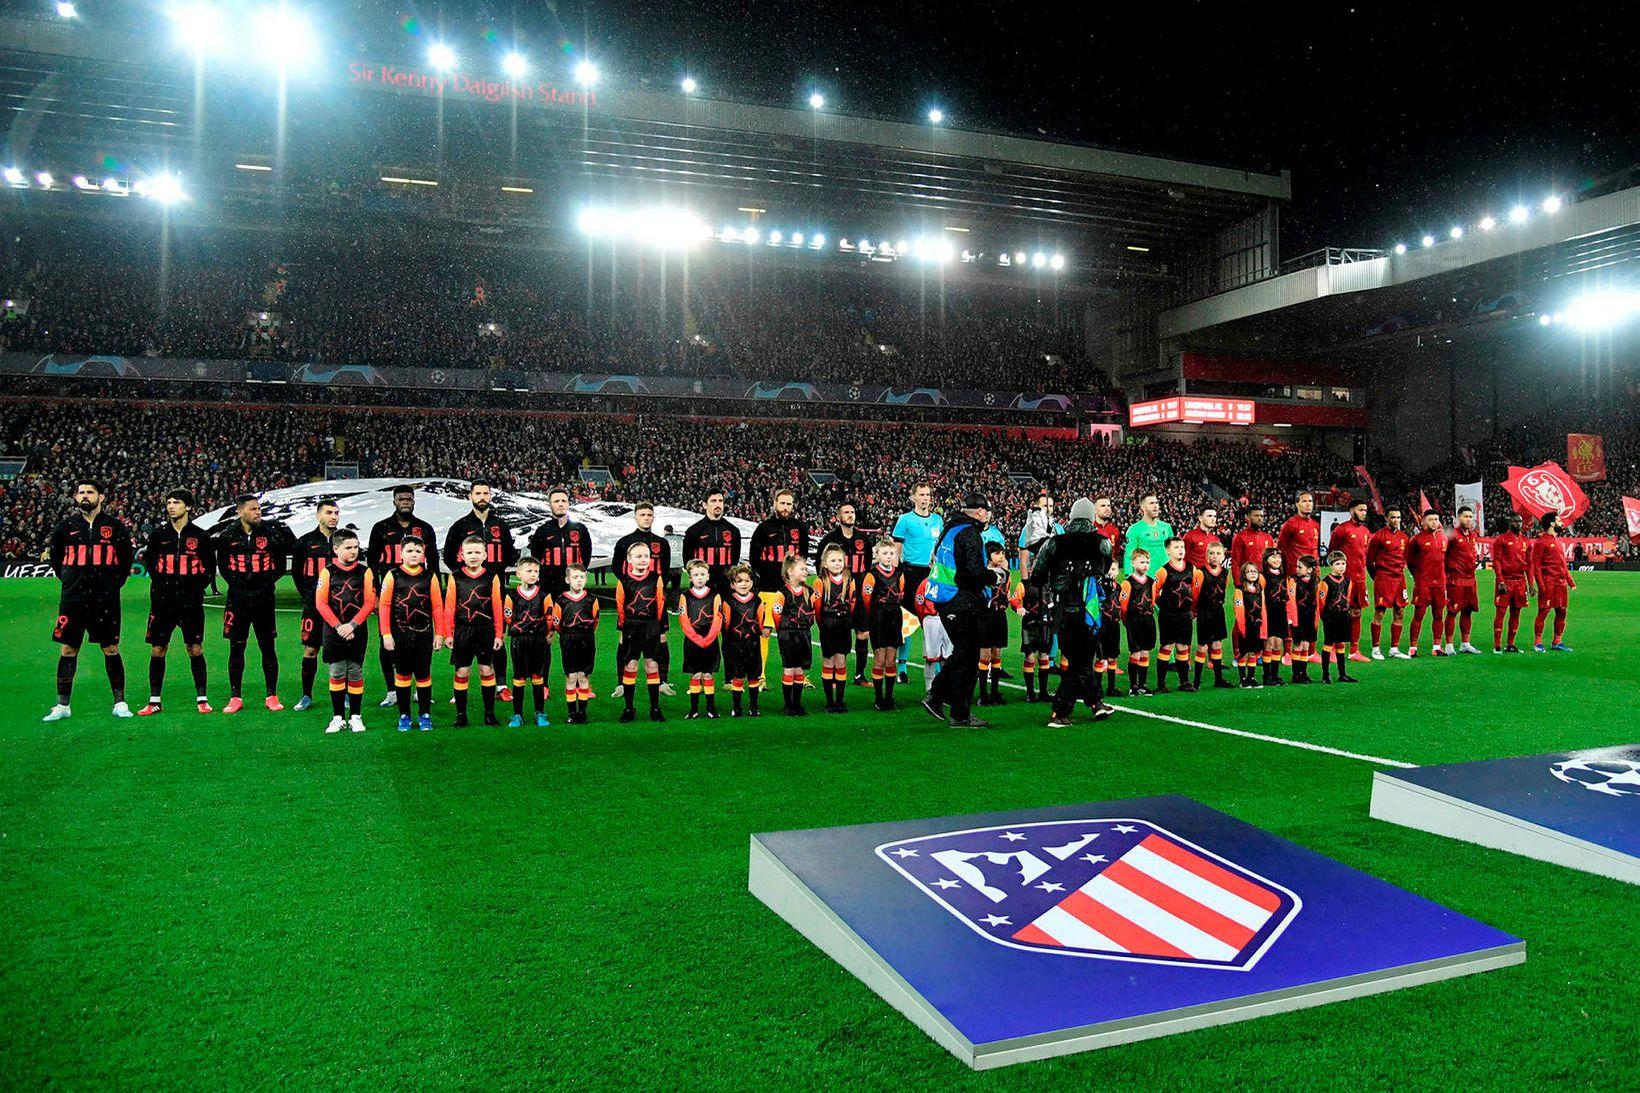 Leikmenn Atlético Madríd stilla sér upp fyrir leik gegn Liverpool …